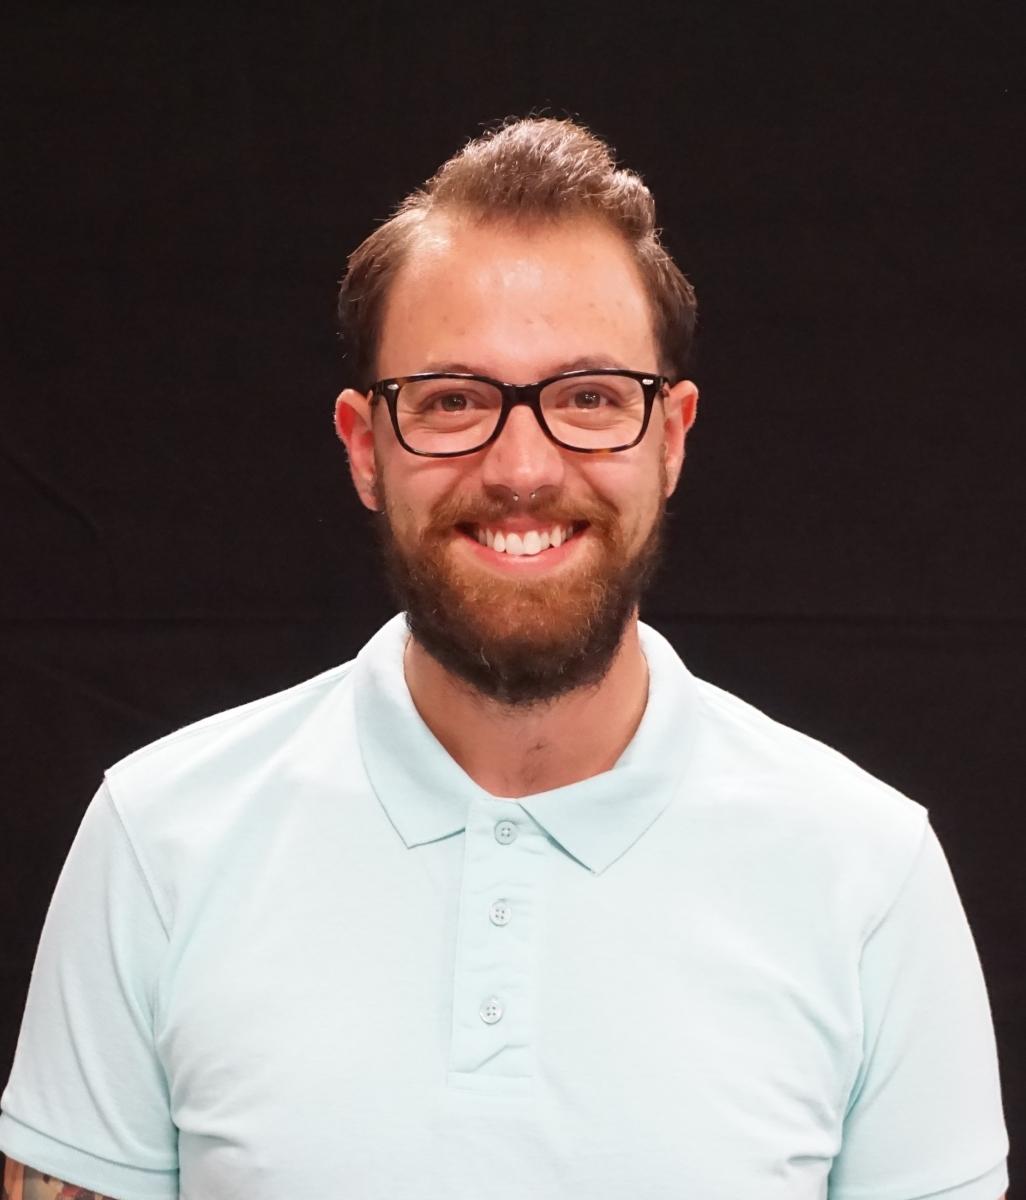 Aaron Höfler